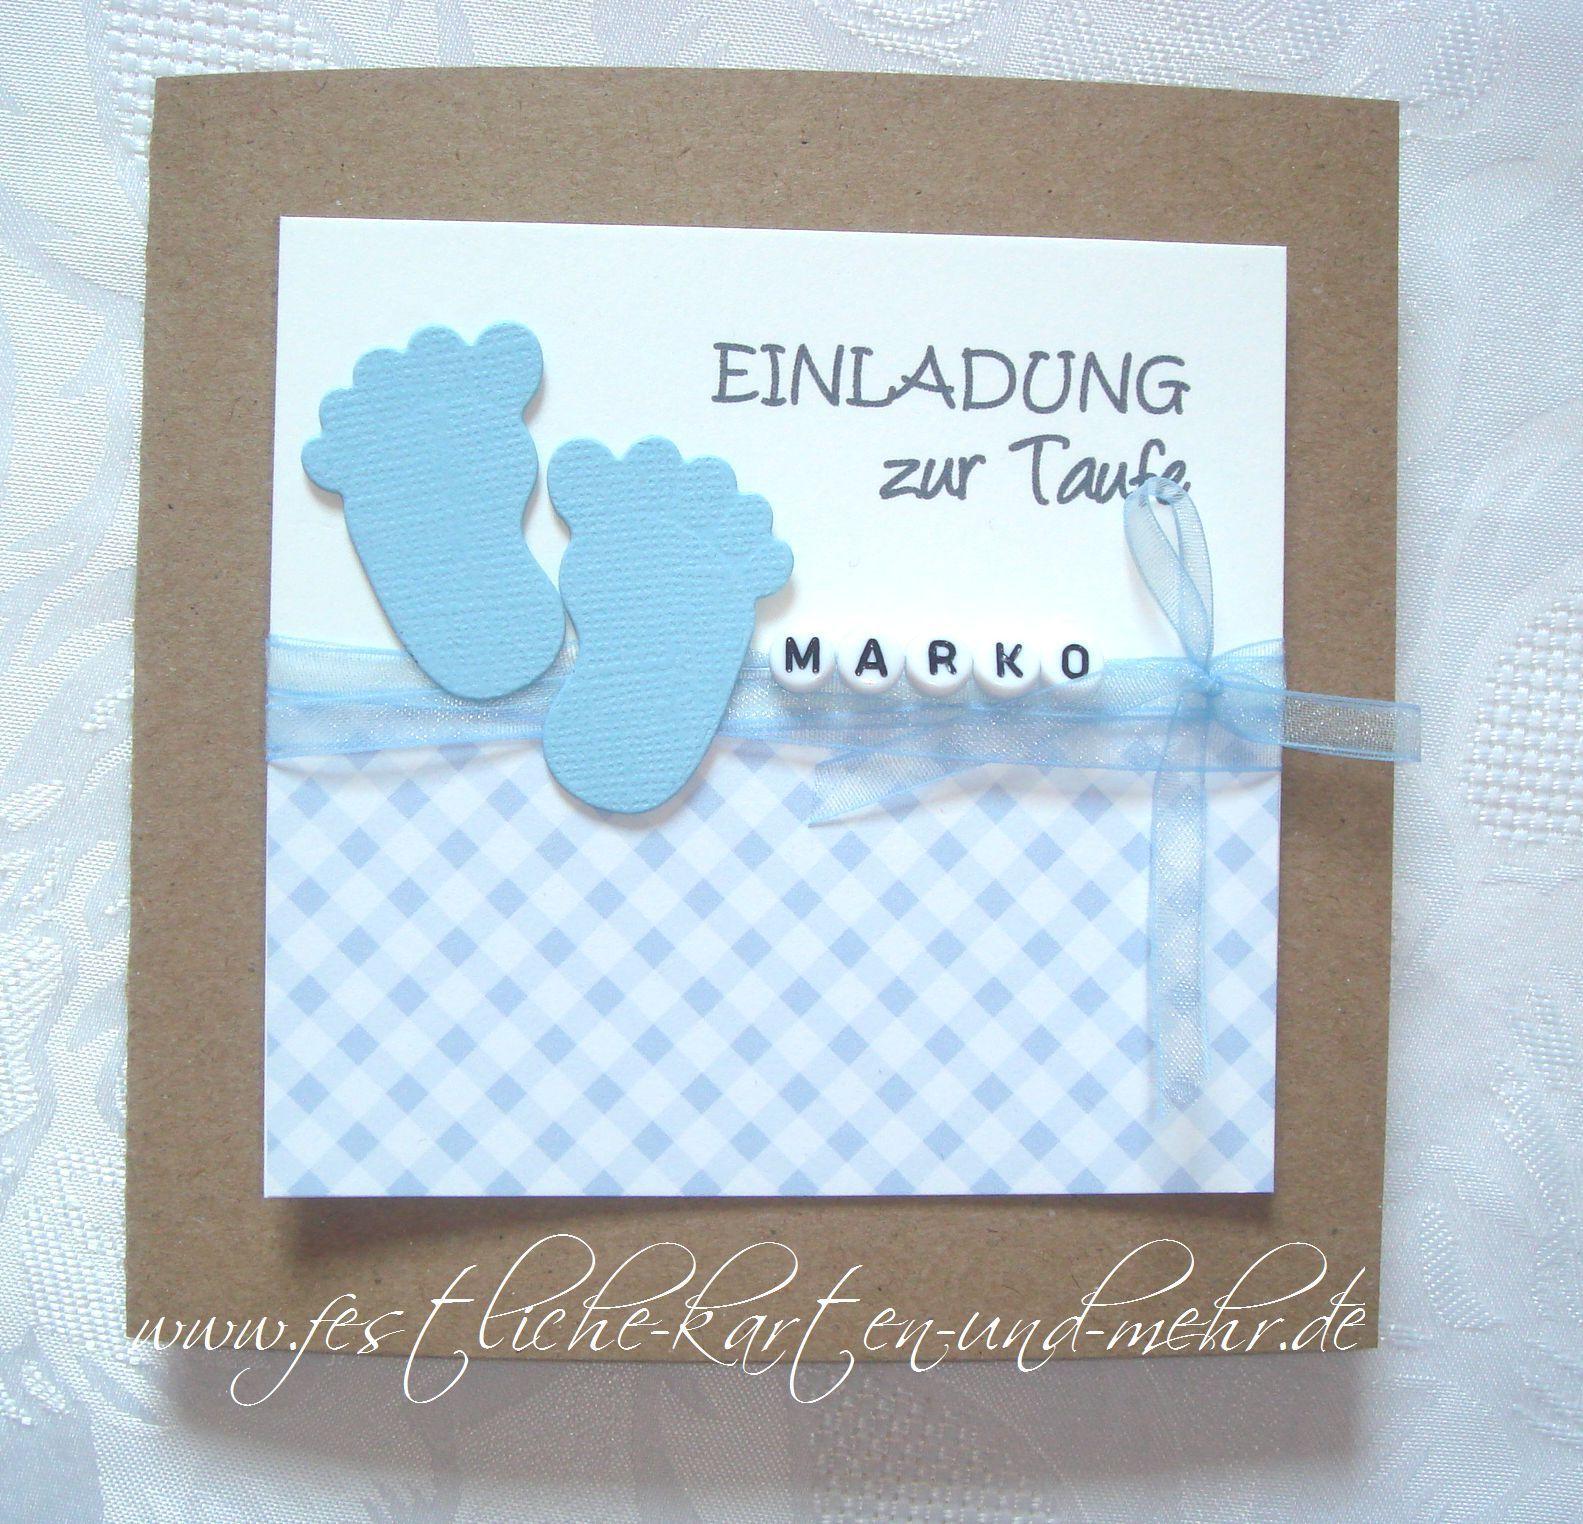 Einladungskarten Zur Taufe Text Taufe Einladungskarten